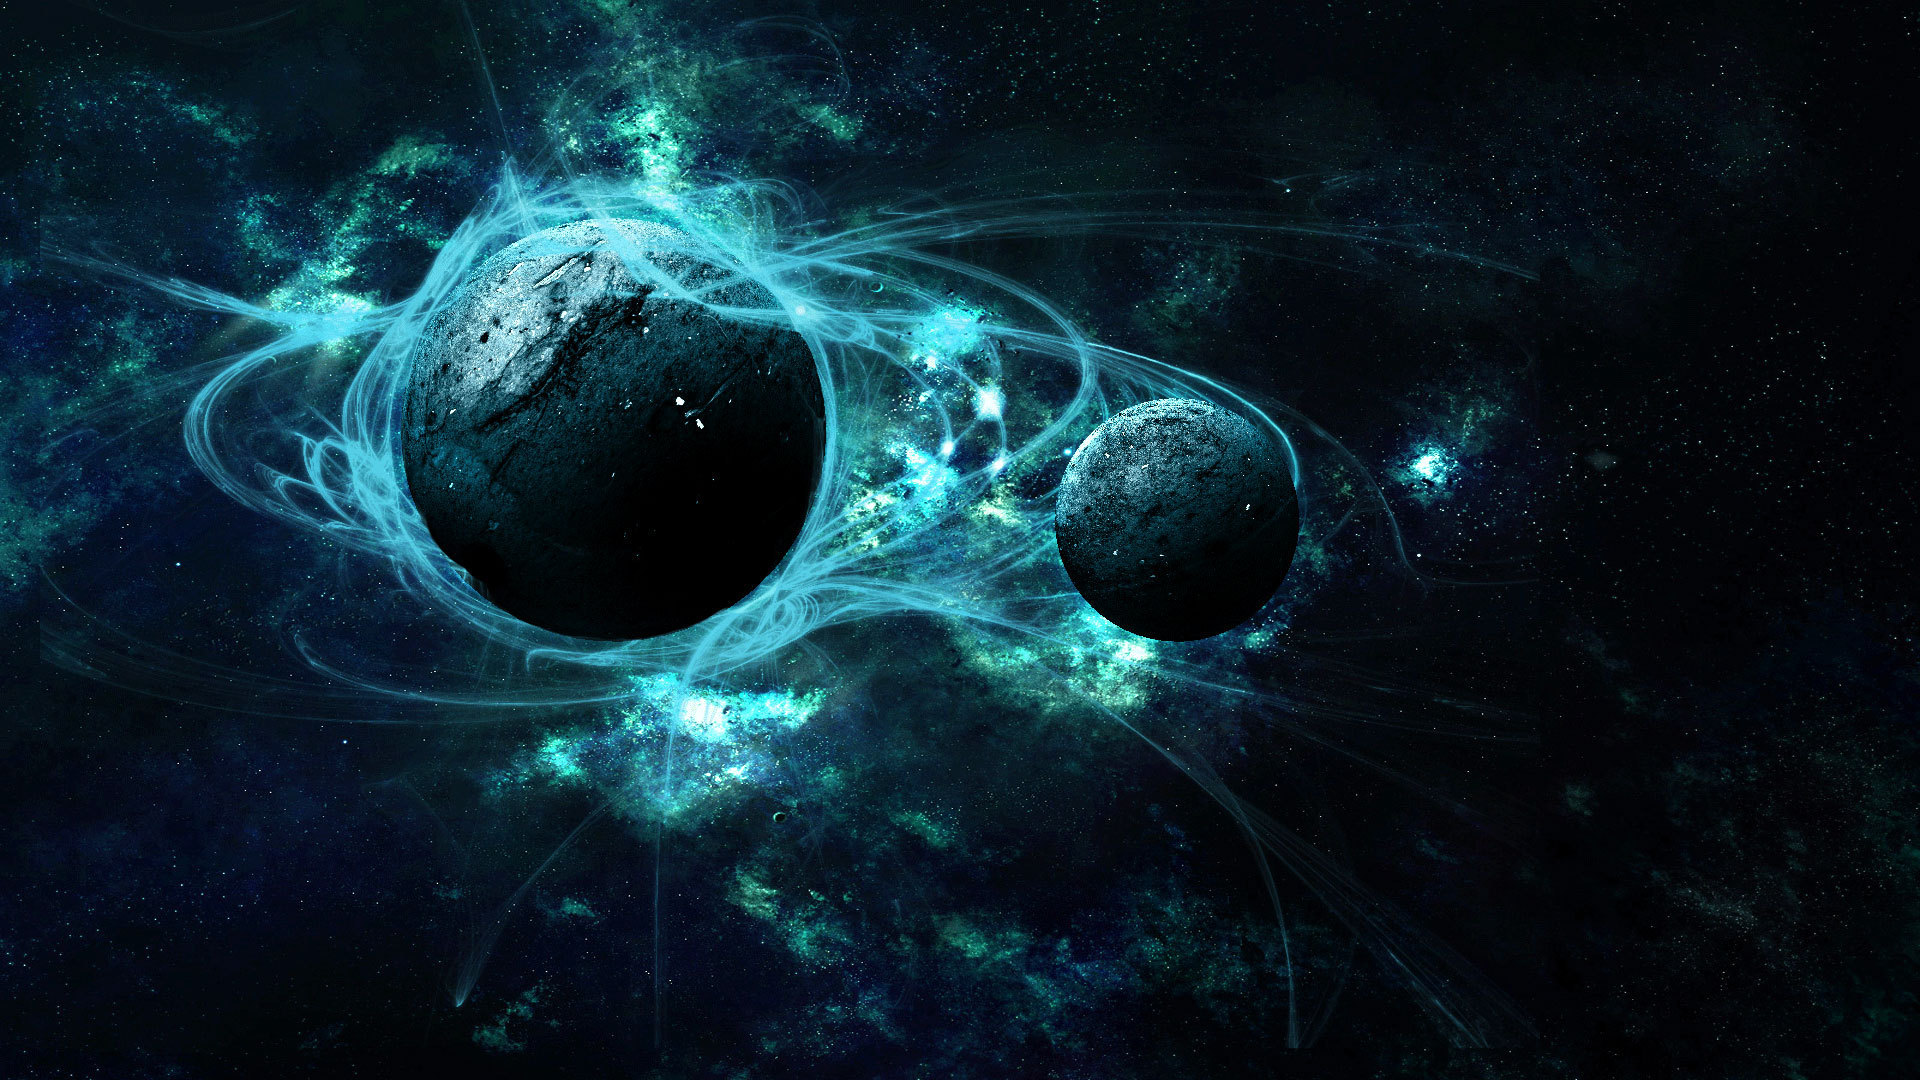 Обои Планеты синие картинки на рабочий стол на тему Космос - скачать  № 1765798 загрузить